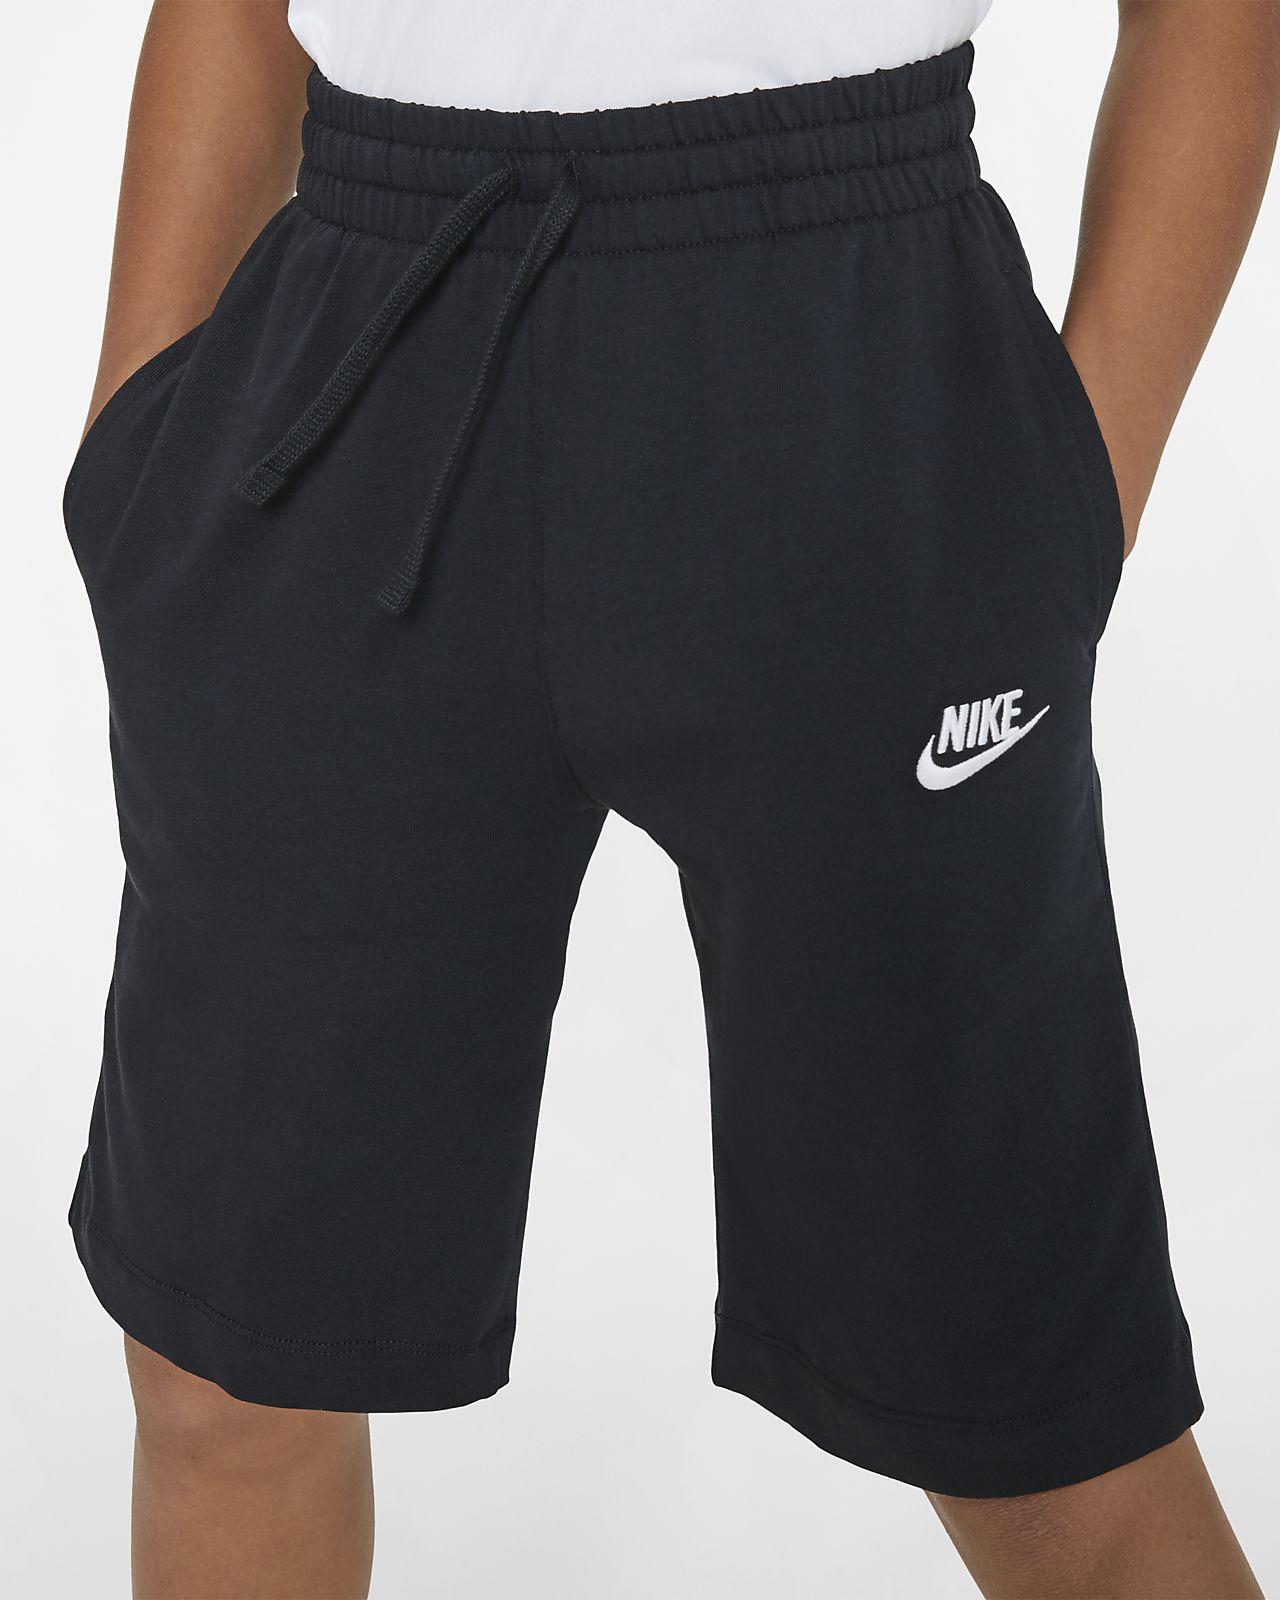 กางเกงขาสั้นเด็กโต Nike Sportswear (ชาย)